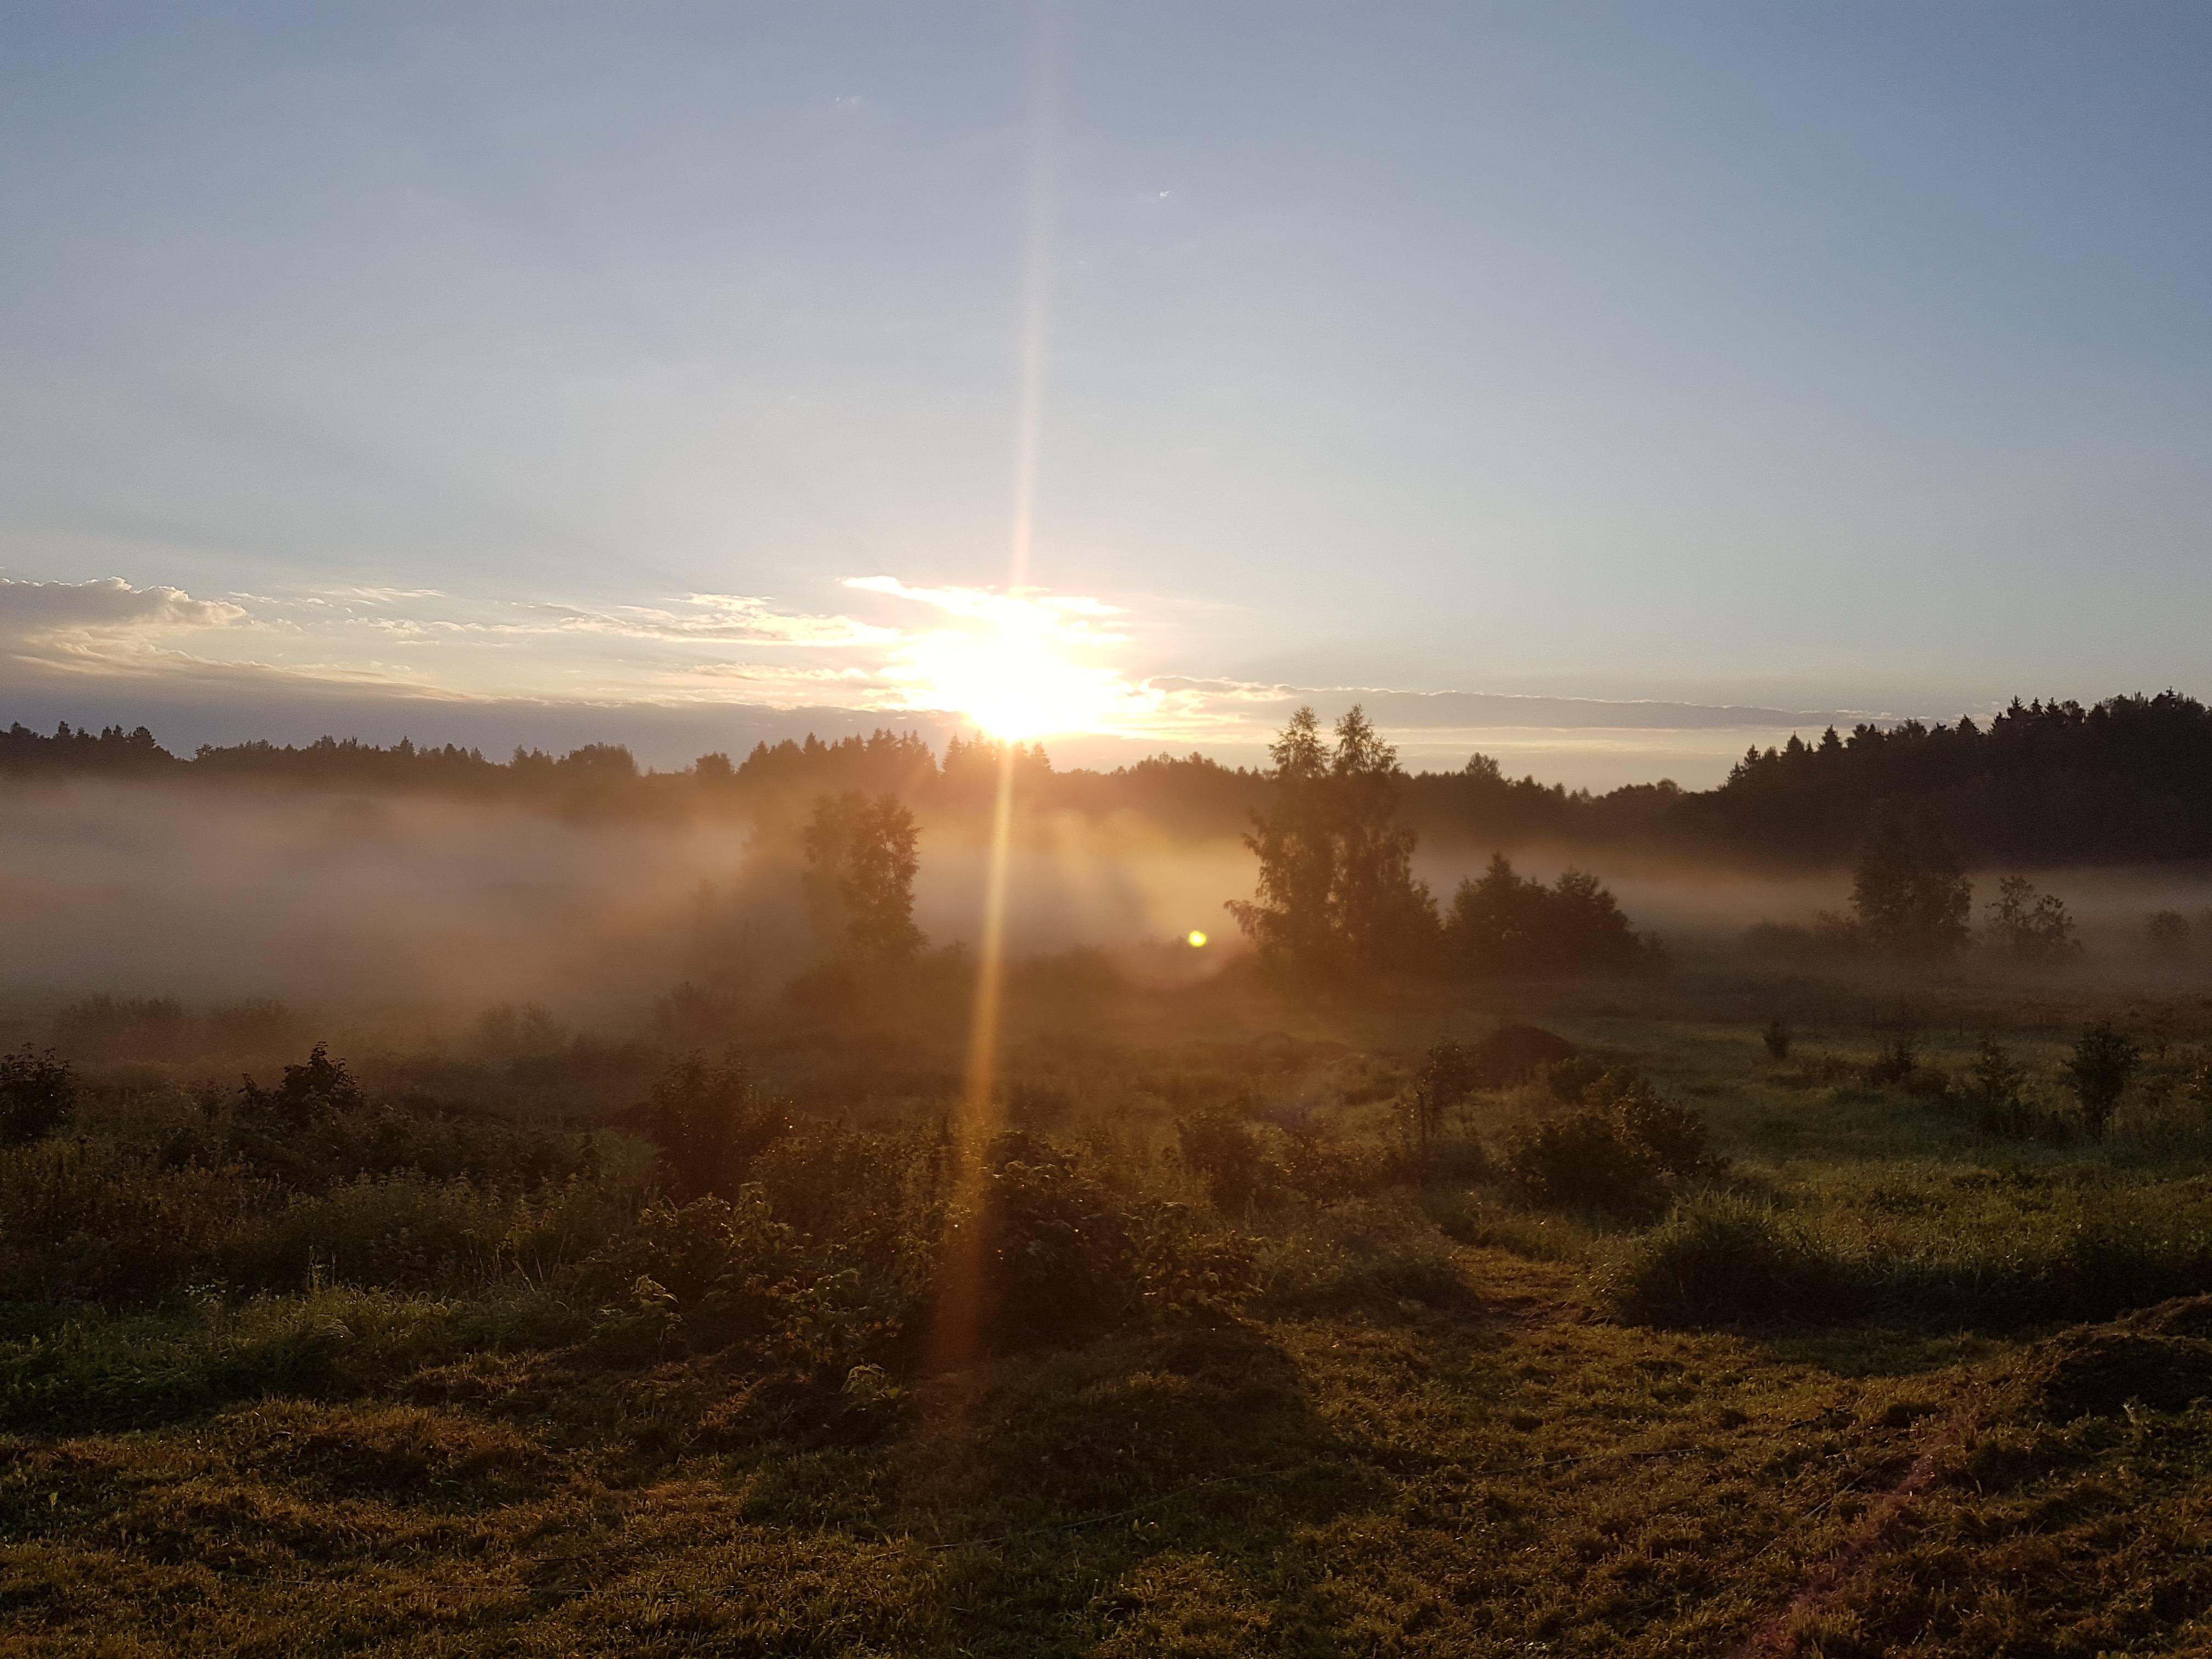 фото утреннего солнца более прочное